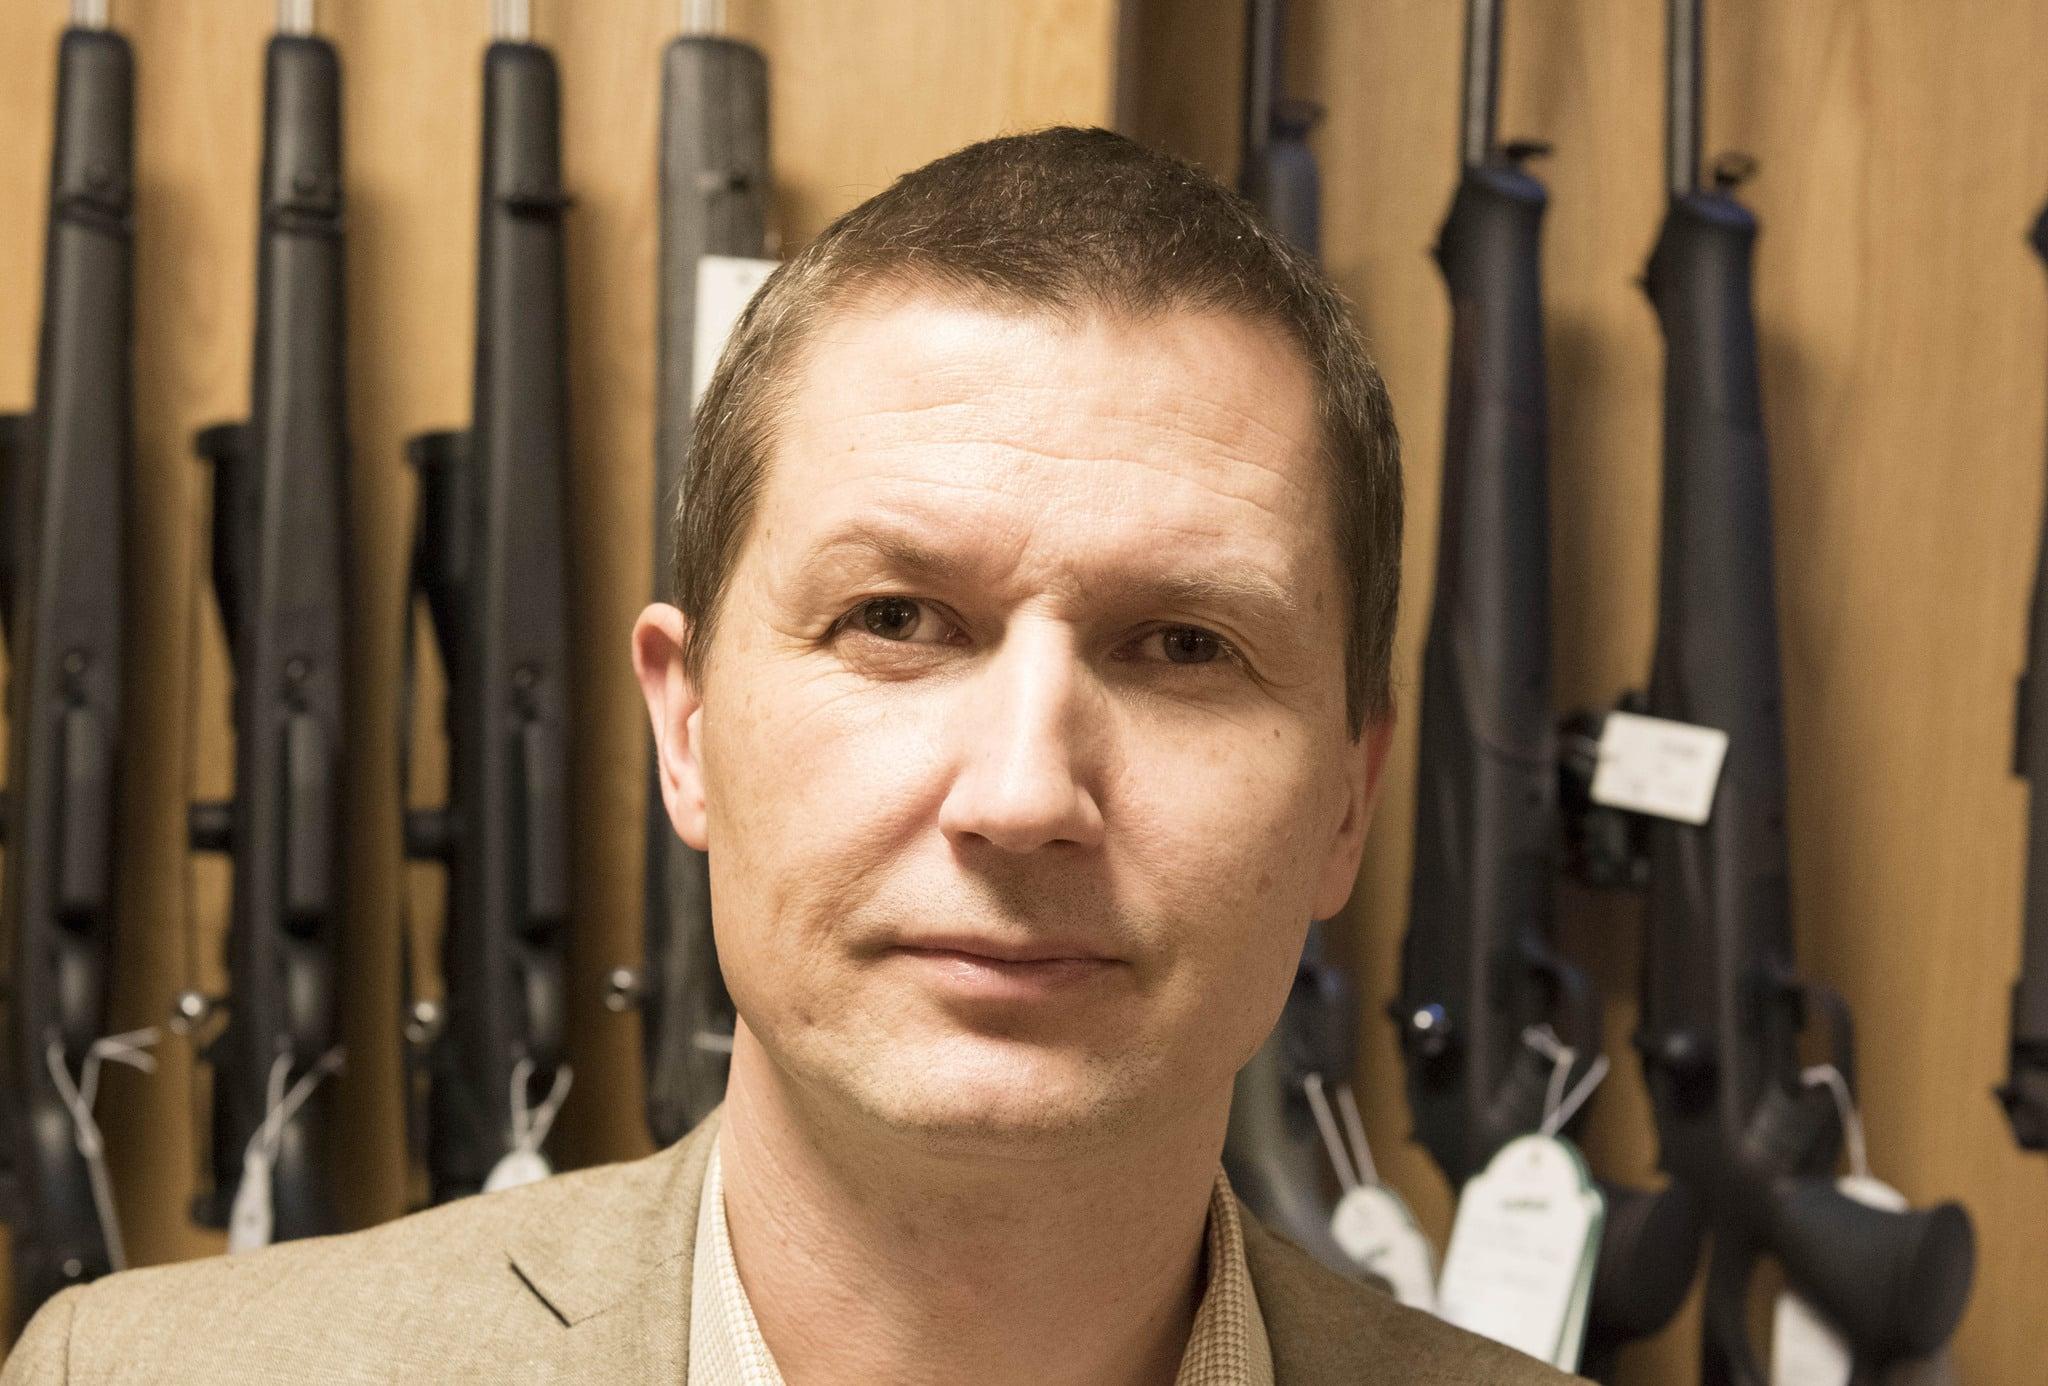 Jägareförbundets jurist Ola Wälimaa menar att Naturvårdsverket måste göra många justeringar i sitt förslag om regler för jaktvapen.